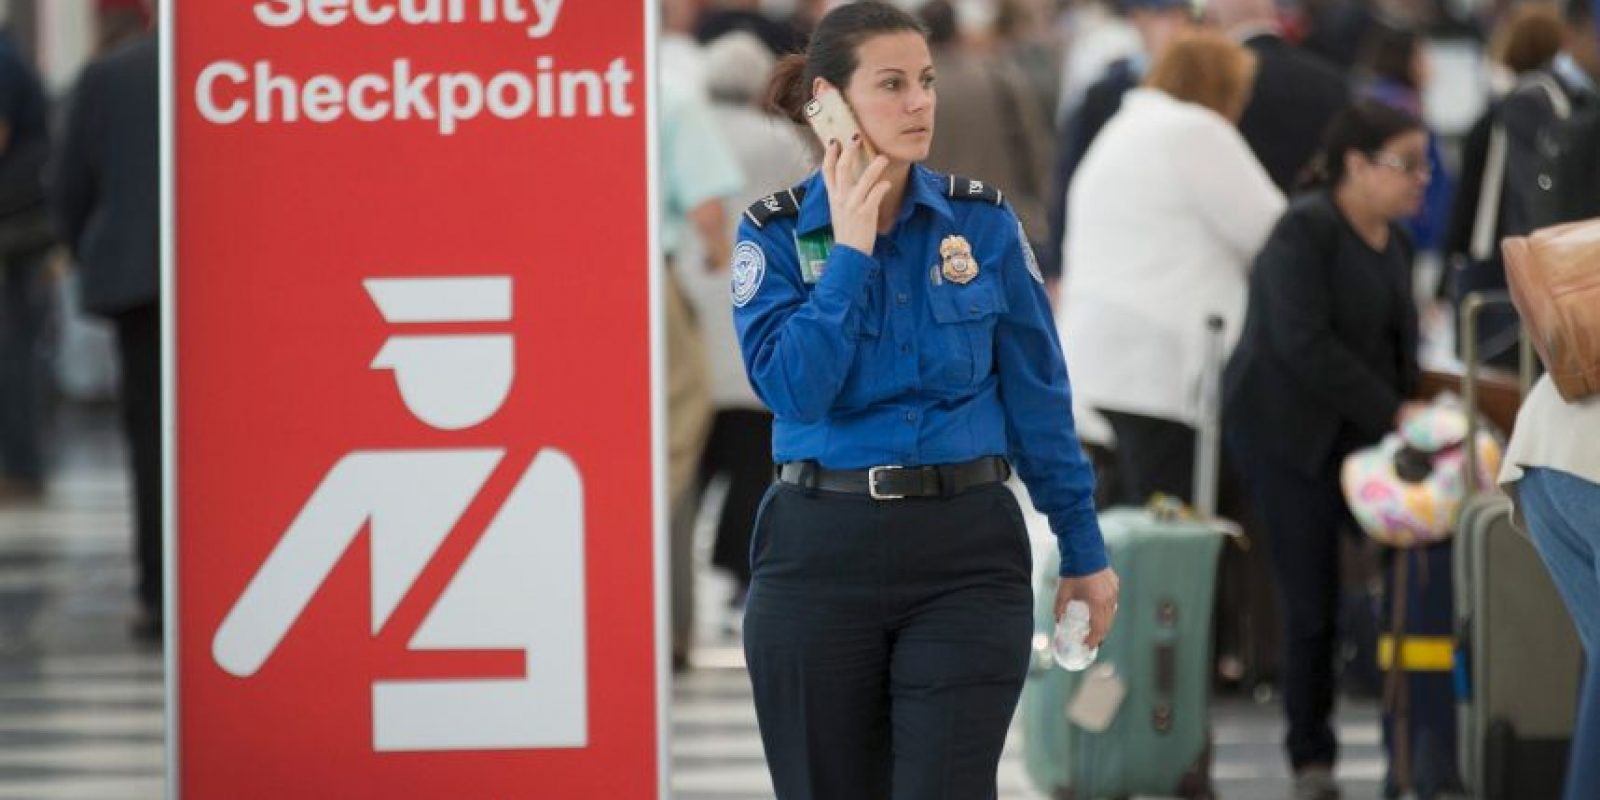 El avión con destino a Grecias se desvió a Bulgaria, para que el hombre fuera arrestado. Foto:Getty Images